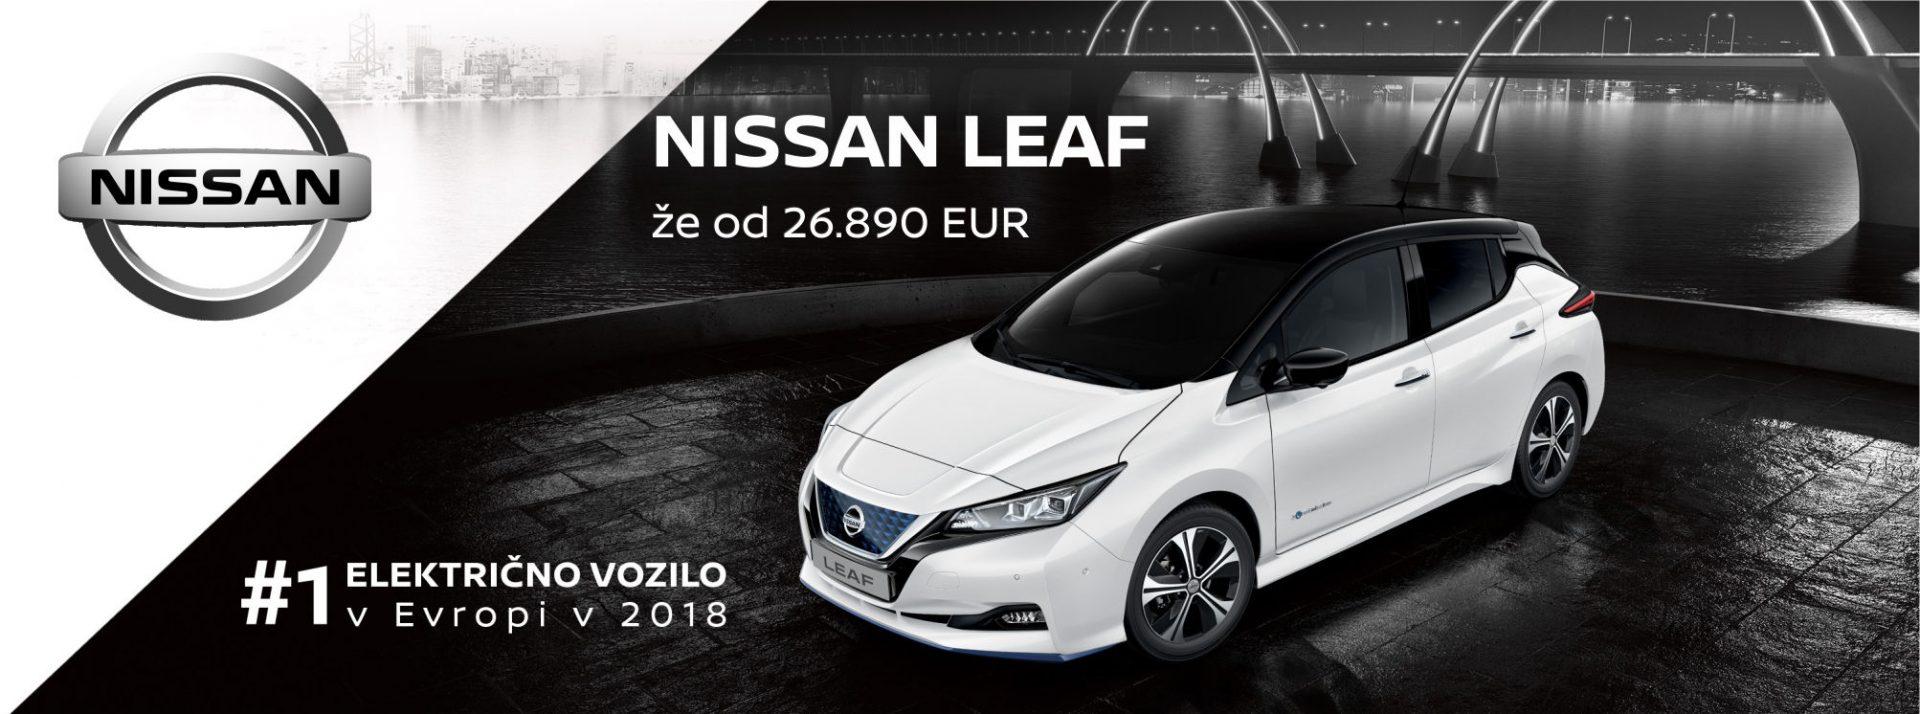 Nissan LEAF - Avto Koletnik